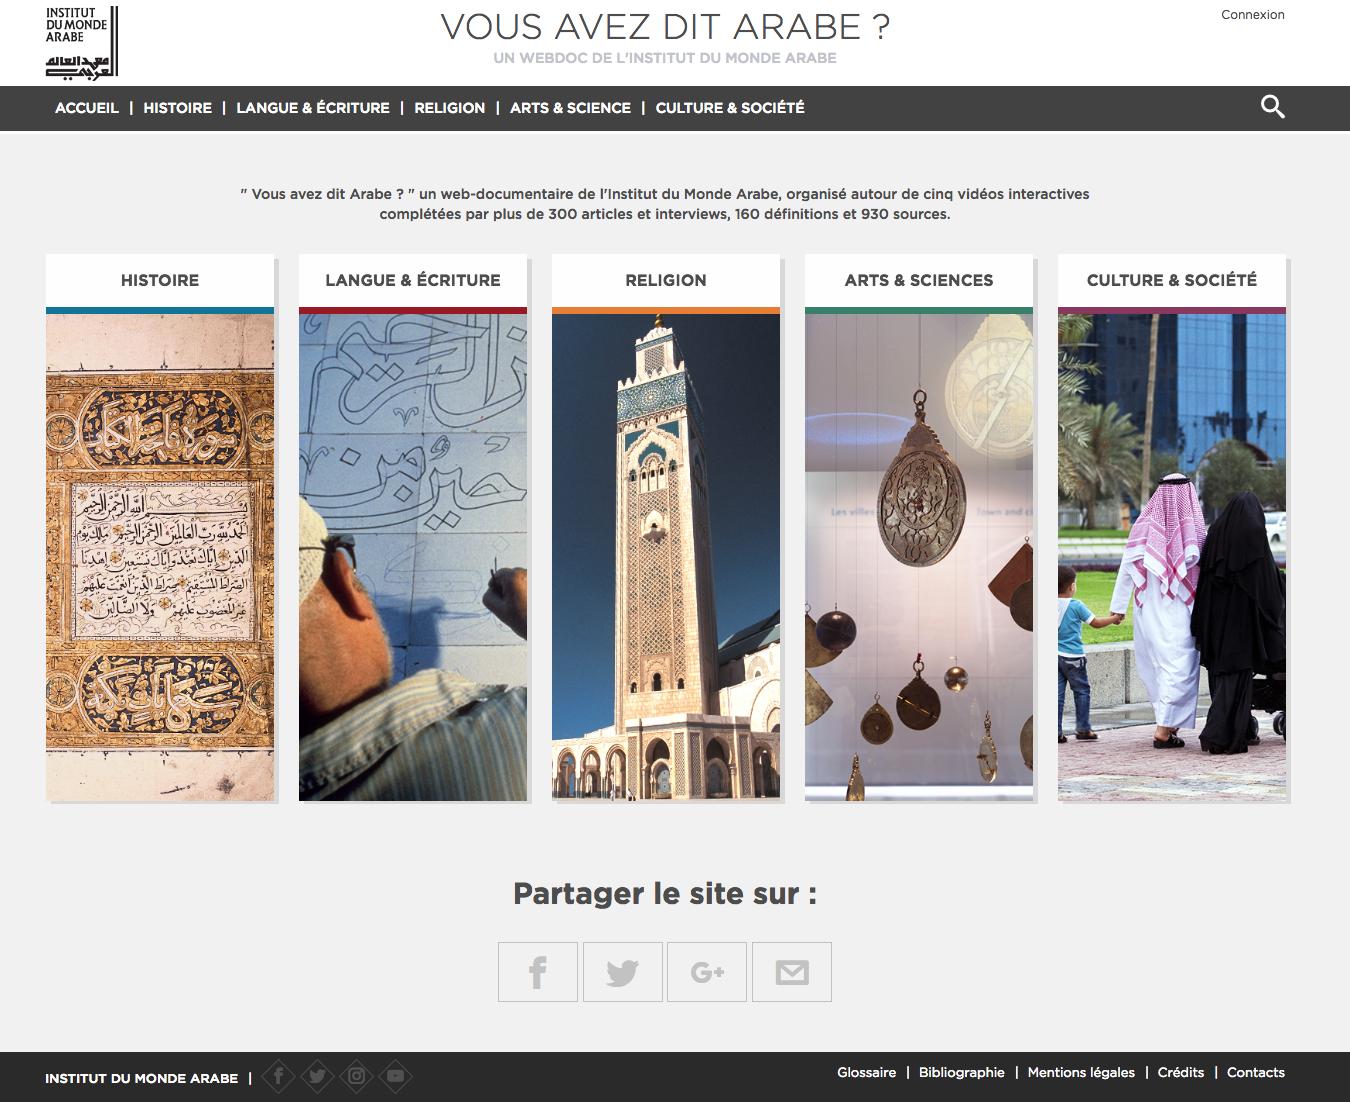 site de rencontre en langue arabe Ce sont des spectacles de réalité datant